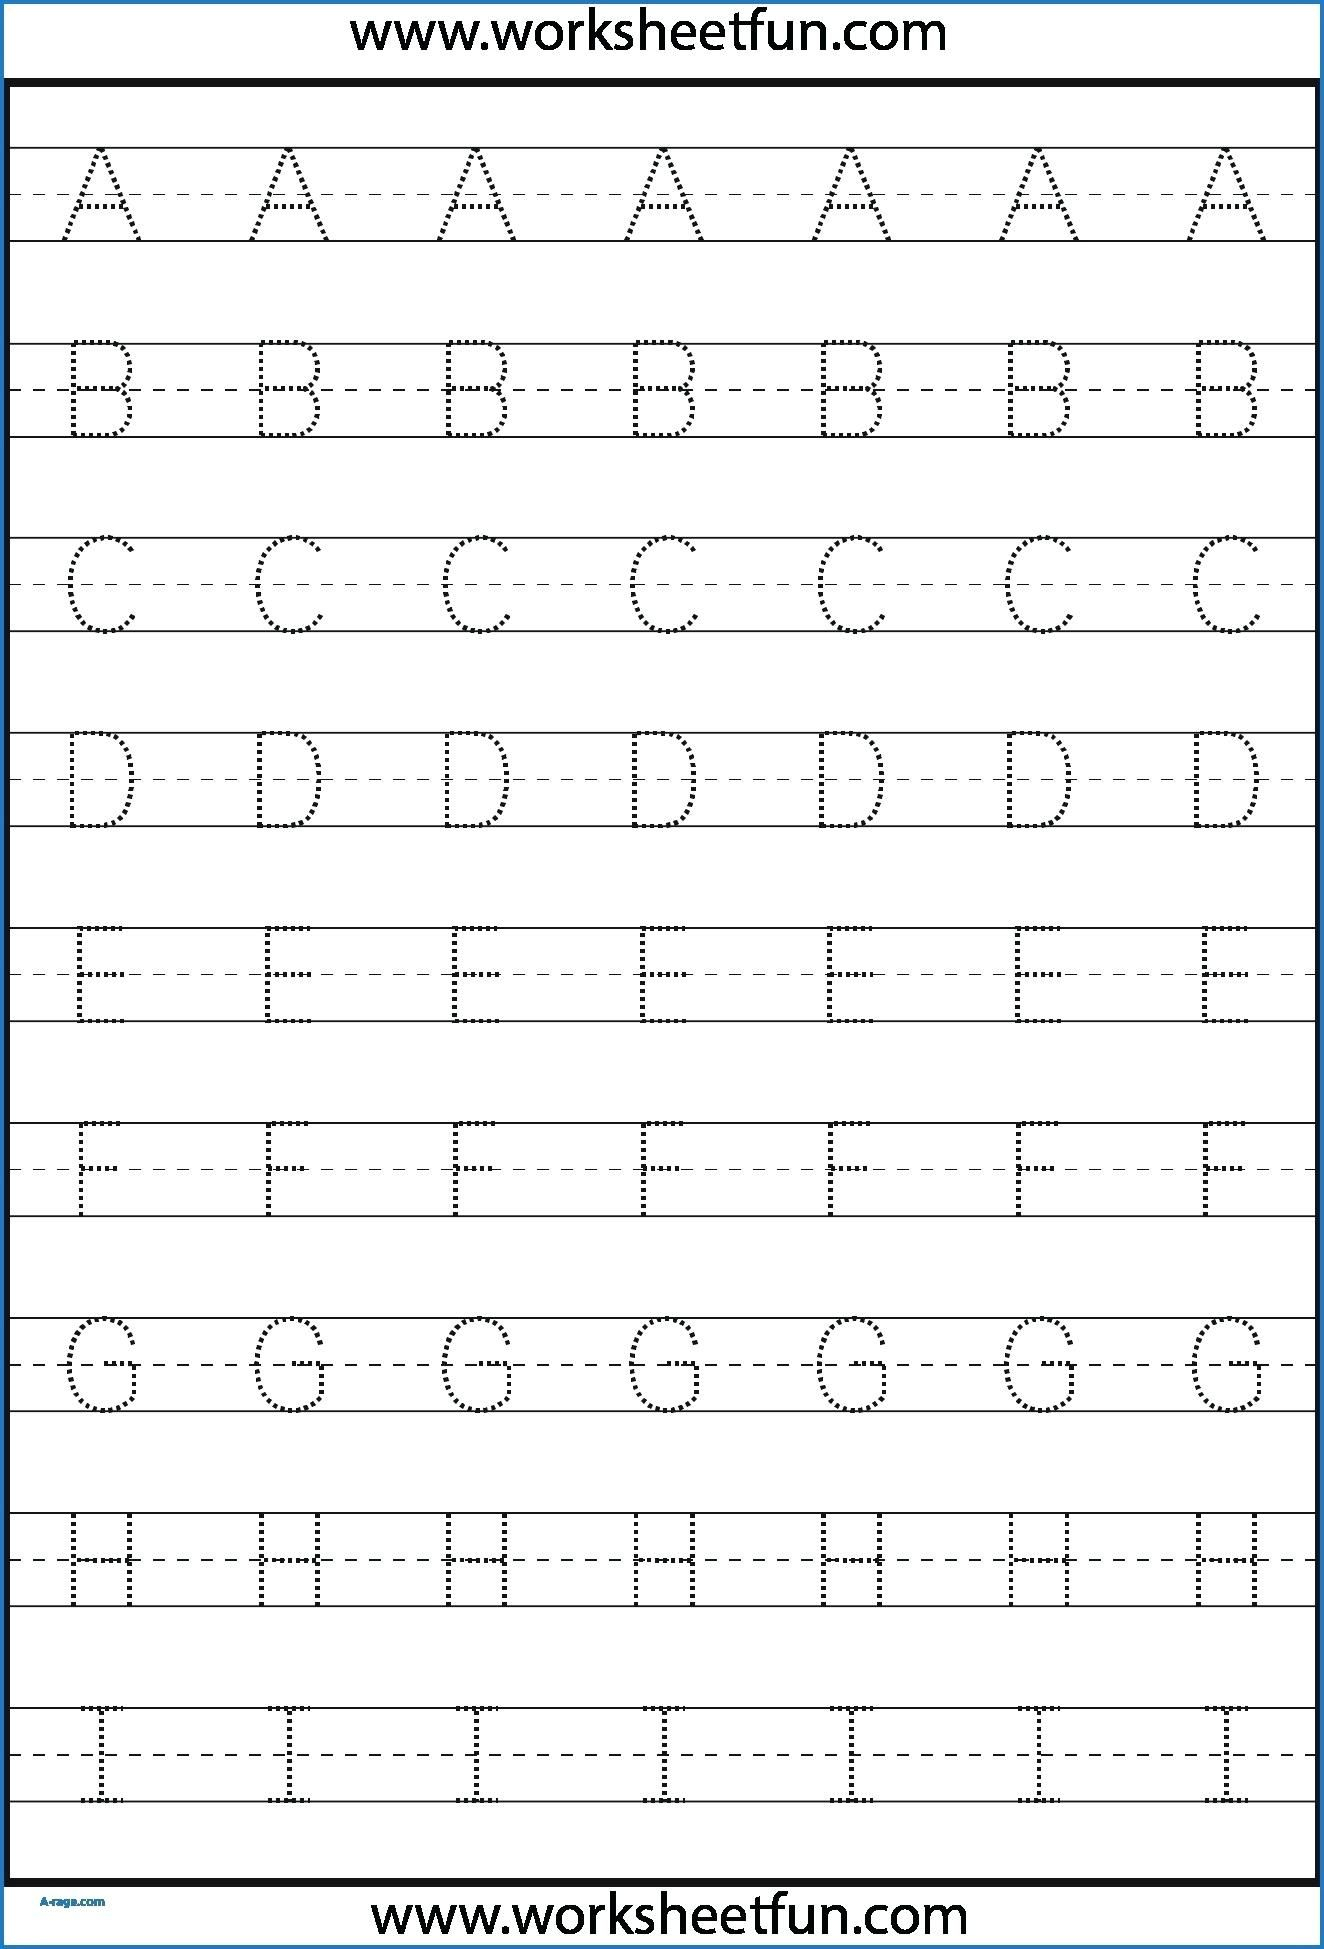 Kindergarten Letter Tracing Worksheets Pdf - Wallpaper Image for Letter Tracing Worksheets For Preschoolers Free